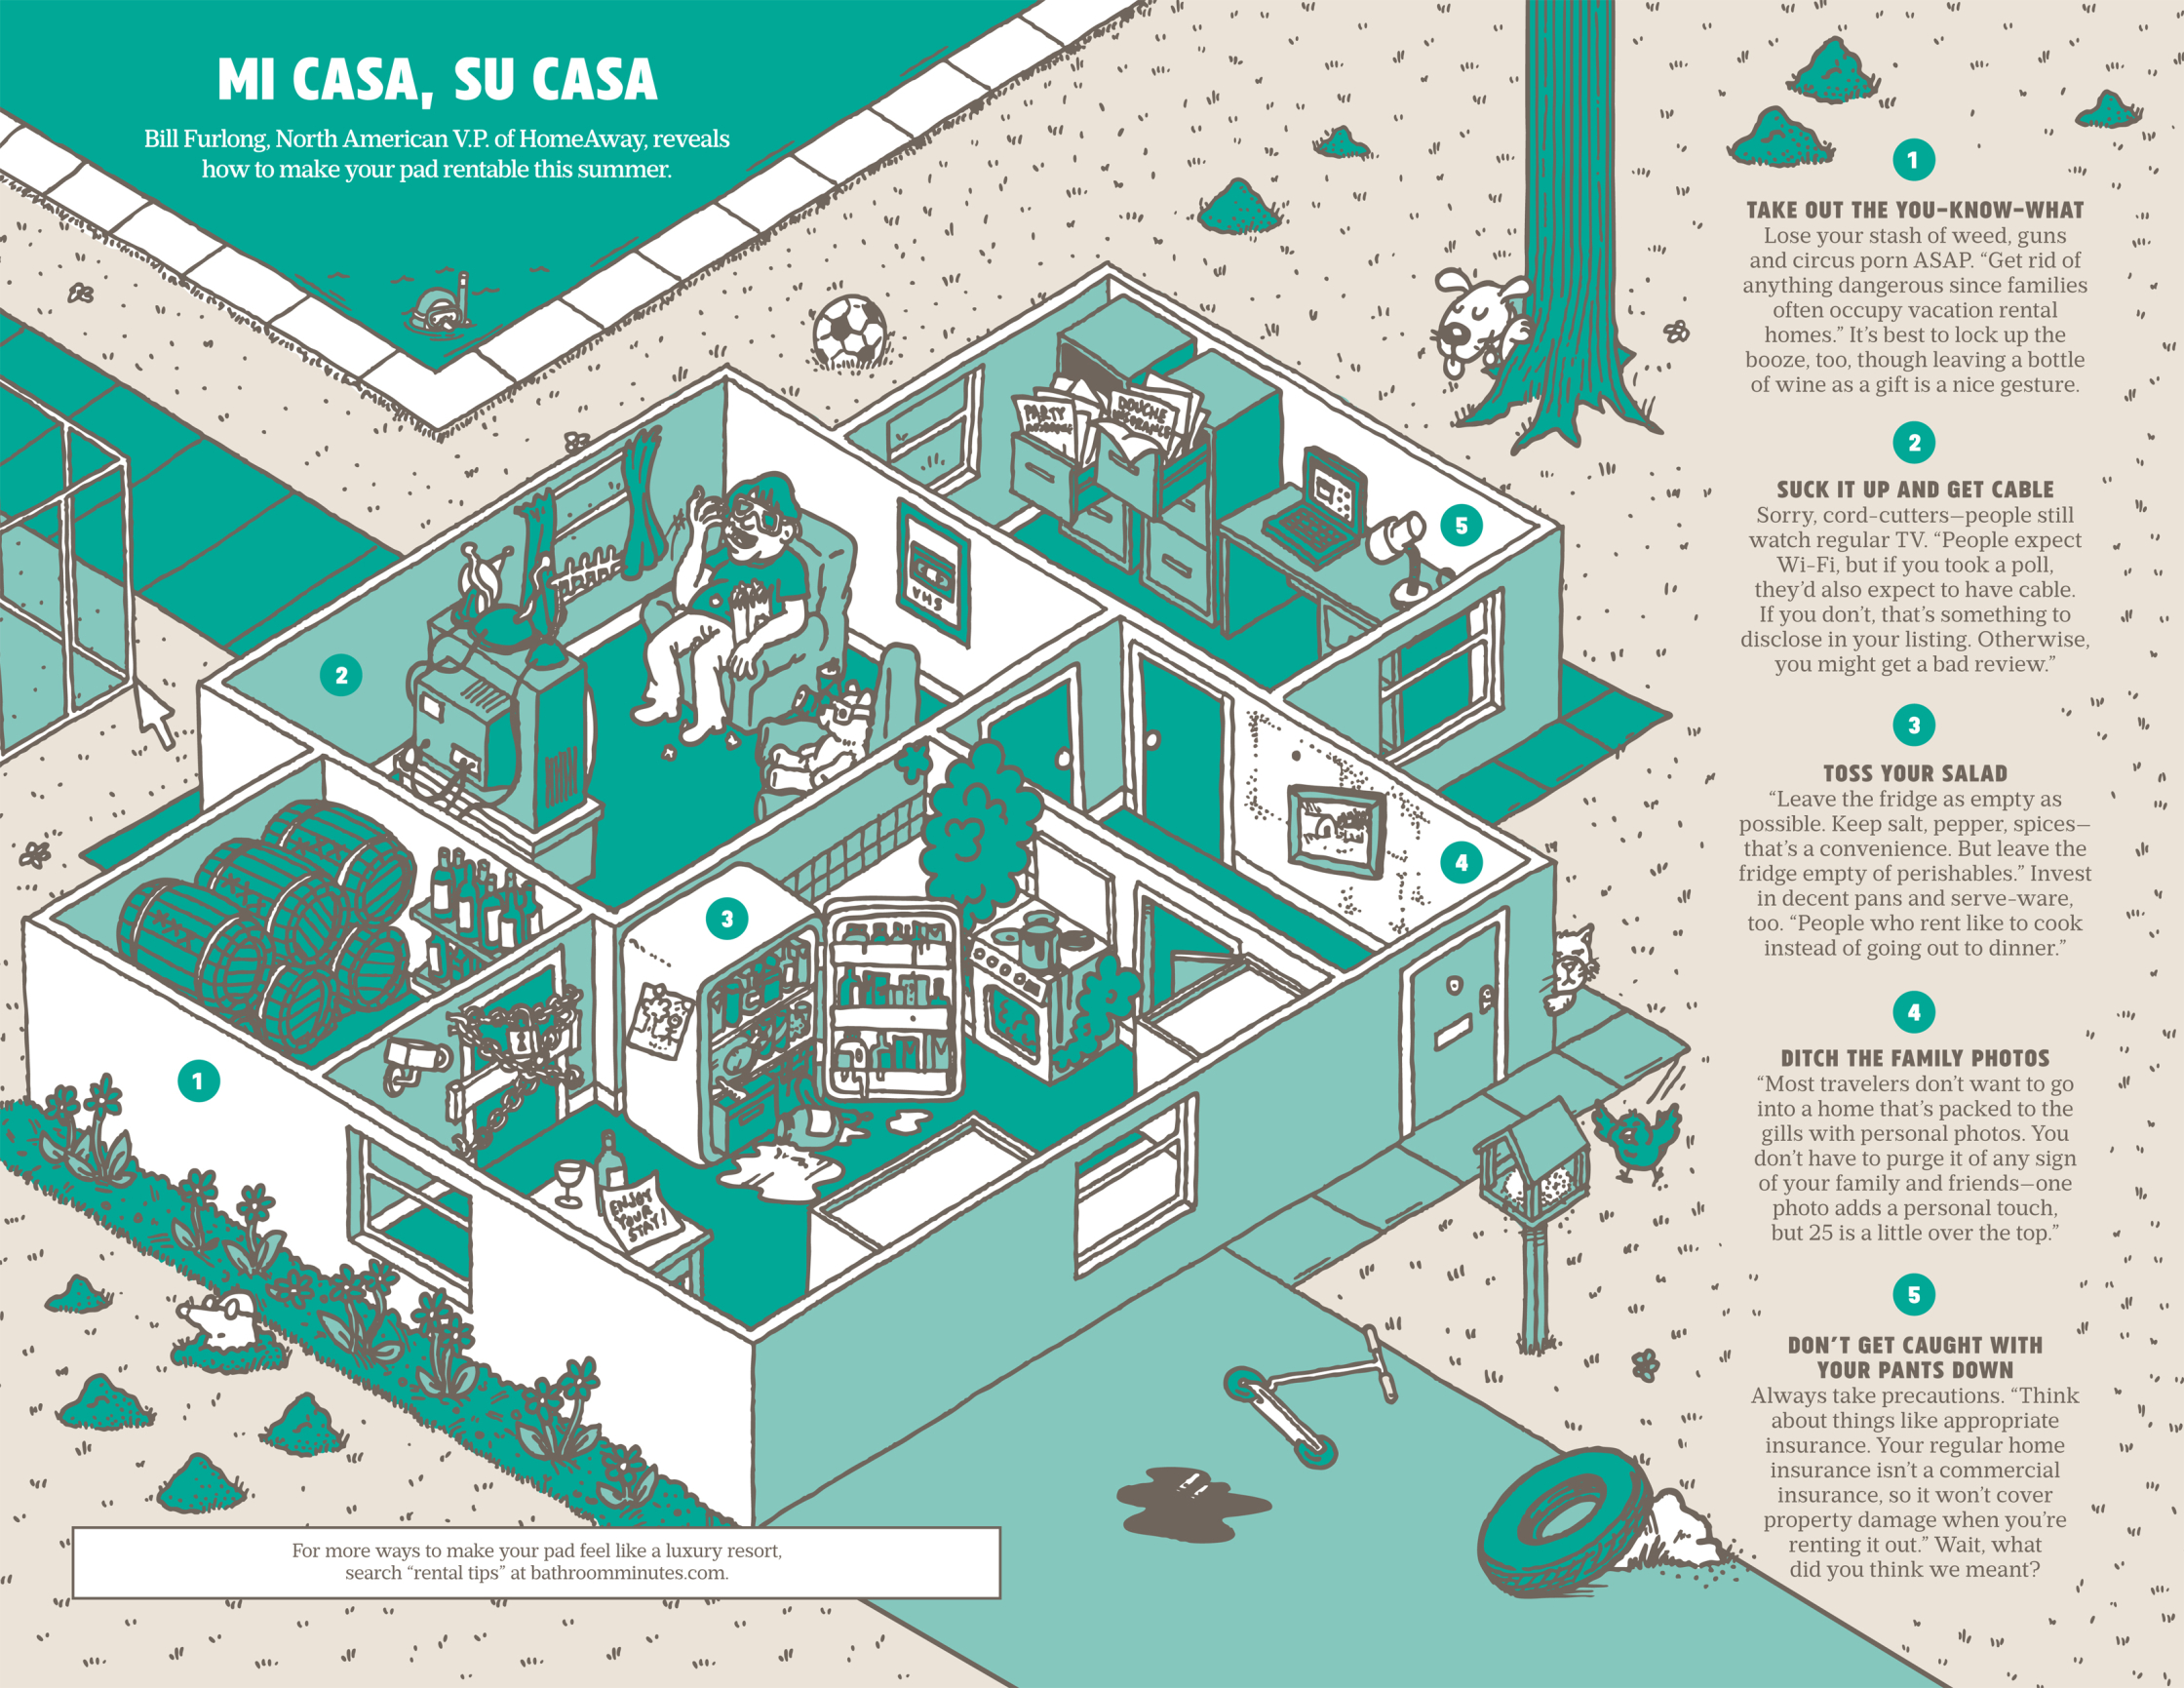 DSC - Mi Casa, Su Casa.jpg